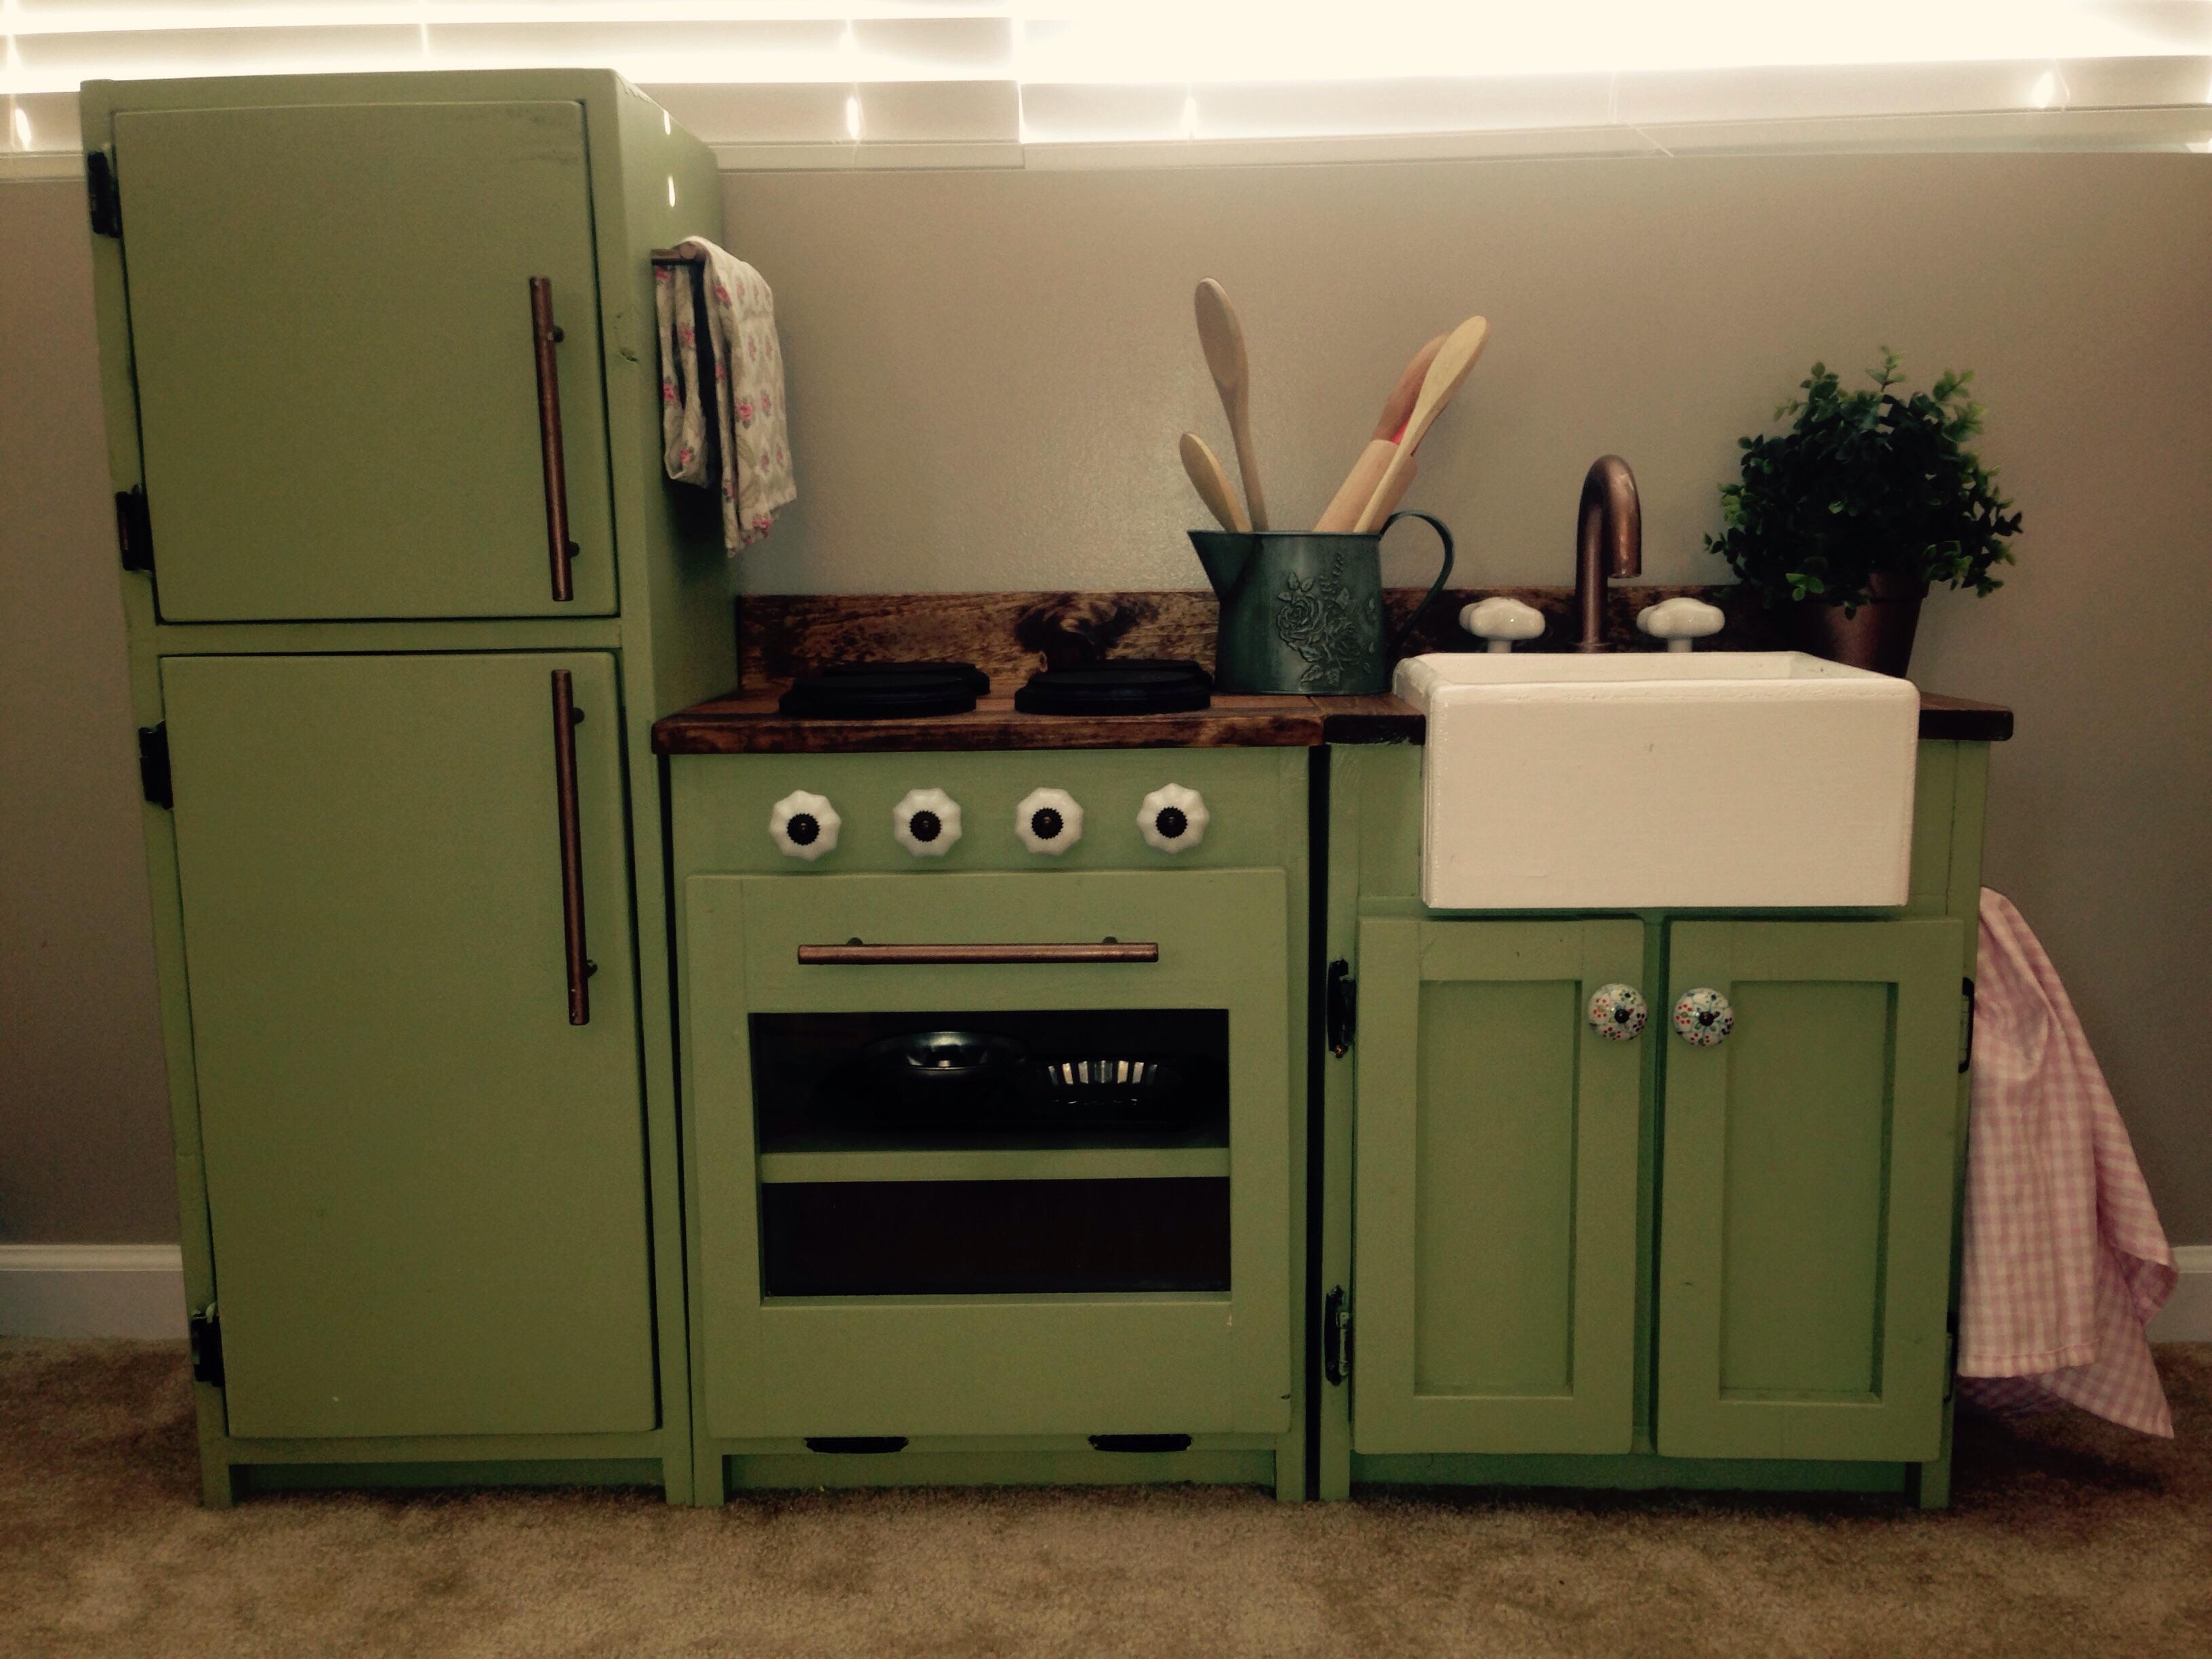 24 Diy Play Kitchen Ideas Making Miniature Pretties That